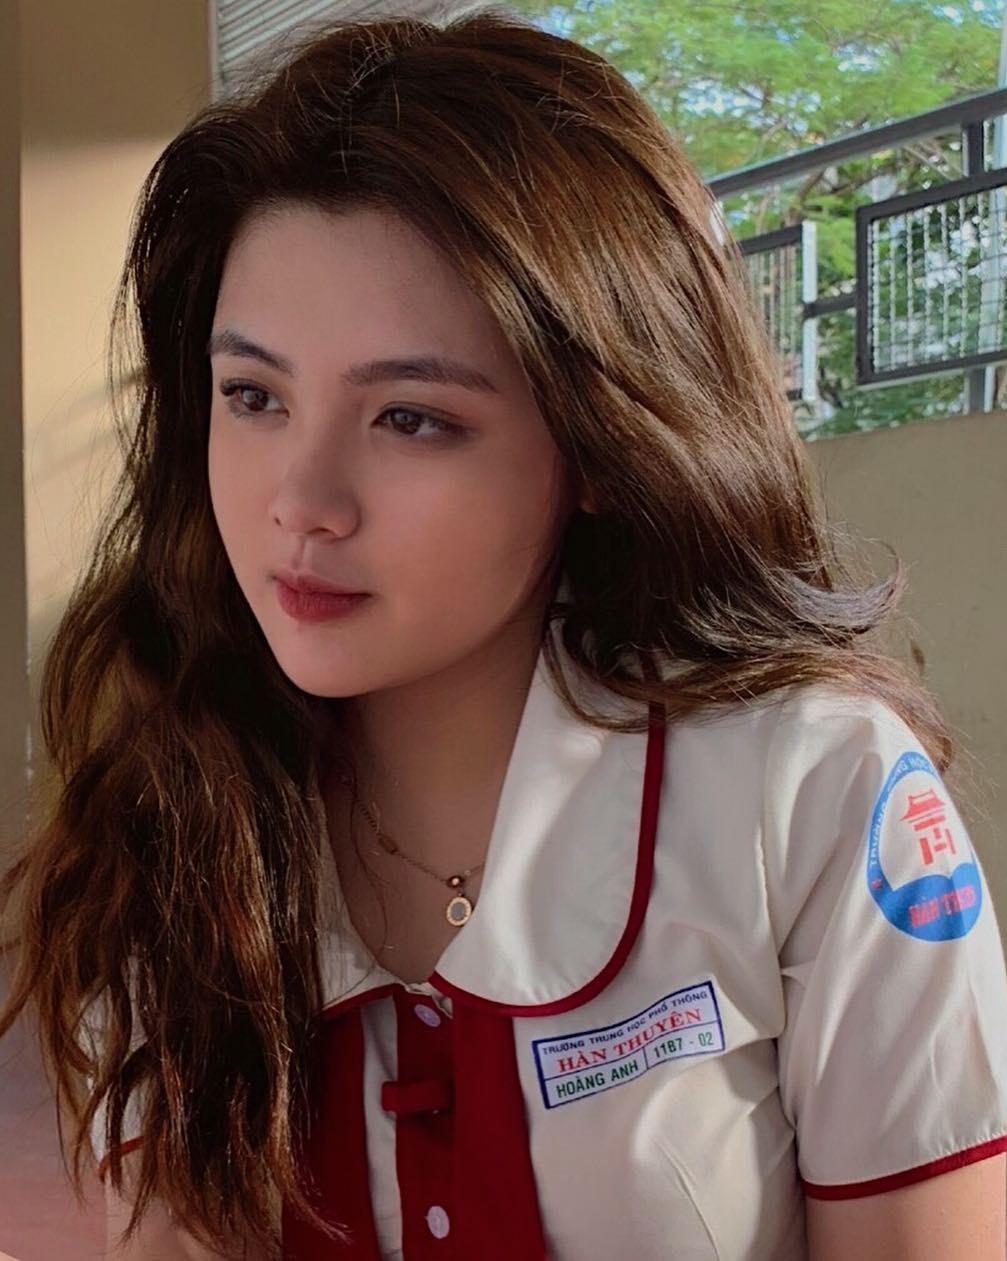 Báo Trung phát sốt về một nữ sinh Việt mặc áo dài, khen ngợi nhan sắc xinh đẹp đủ tầm tham gia showbiz-2